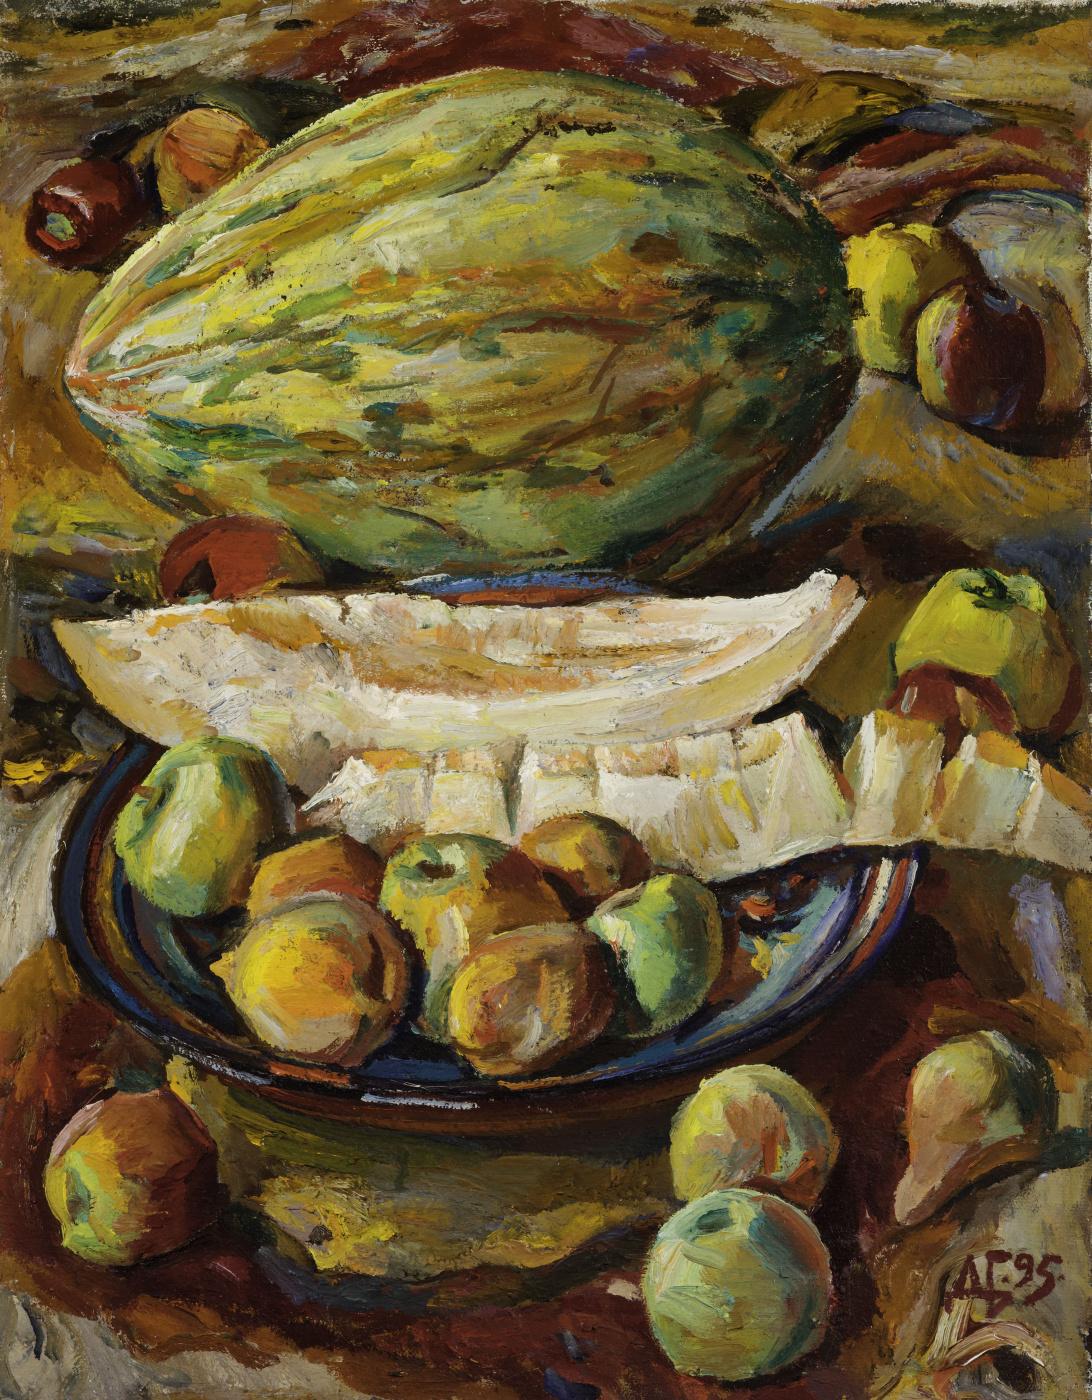 Дурды Байрамович Байрамов. Melon and fruits